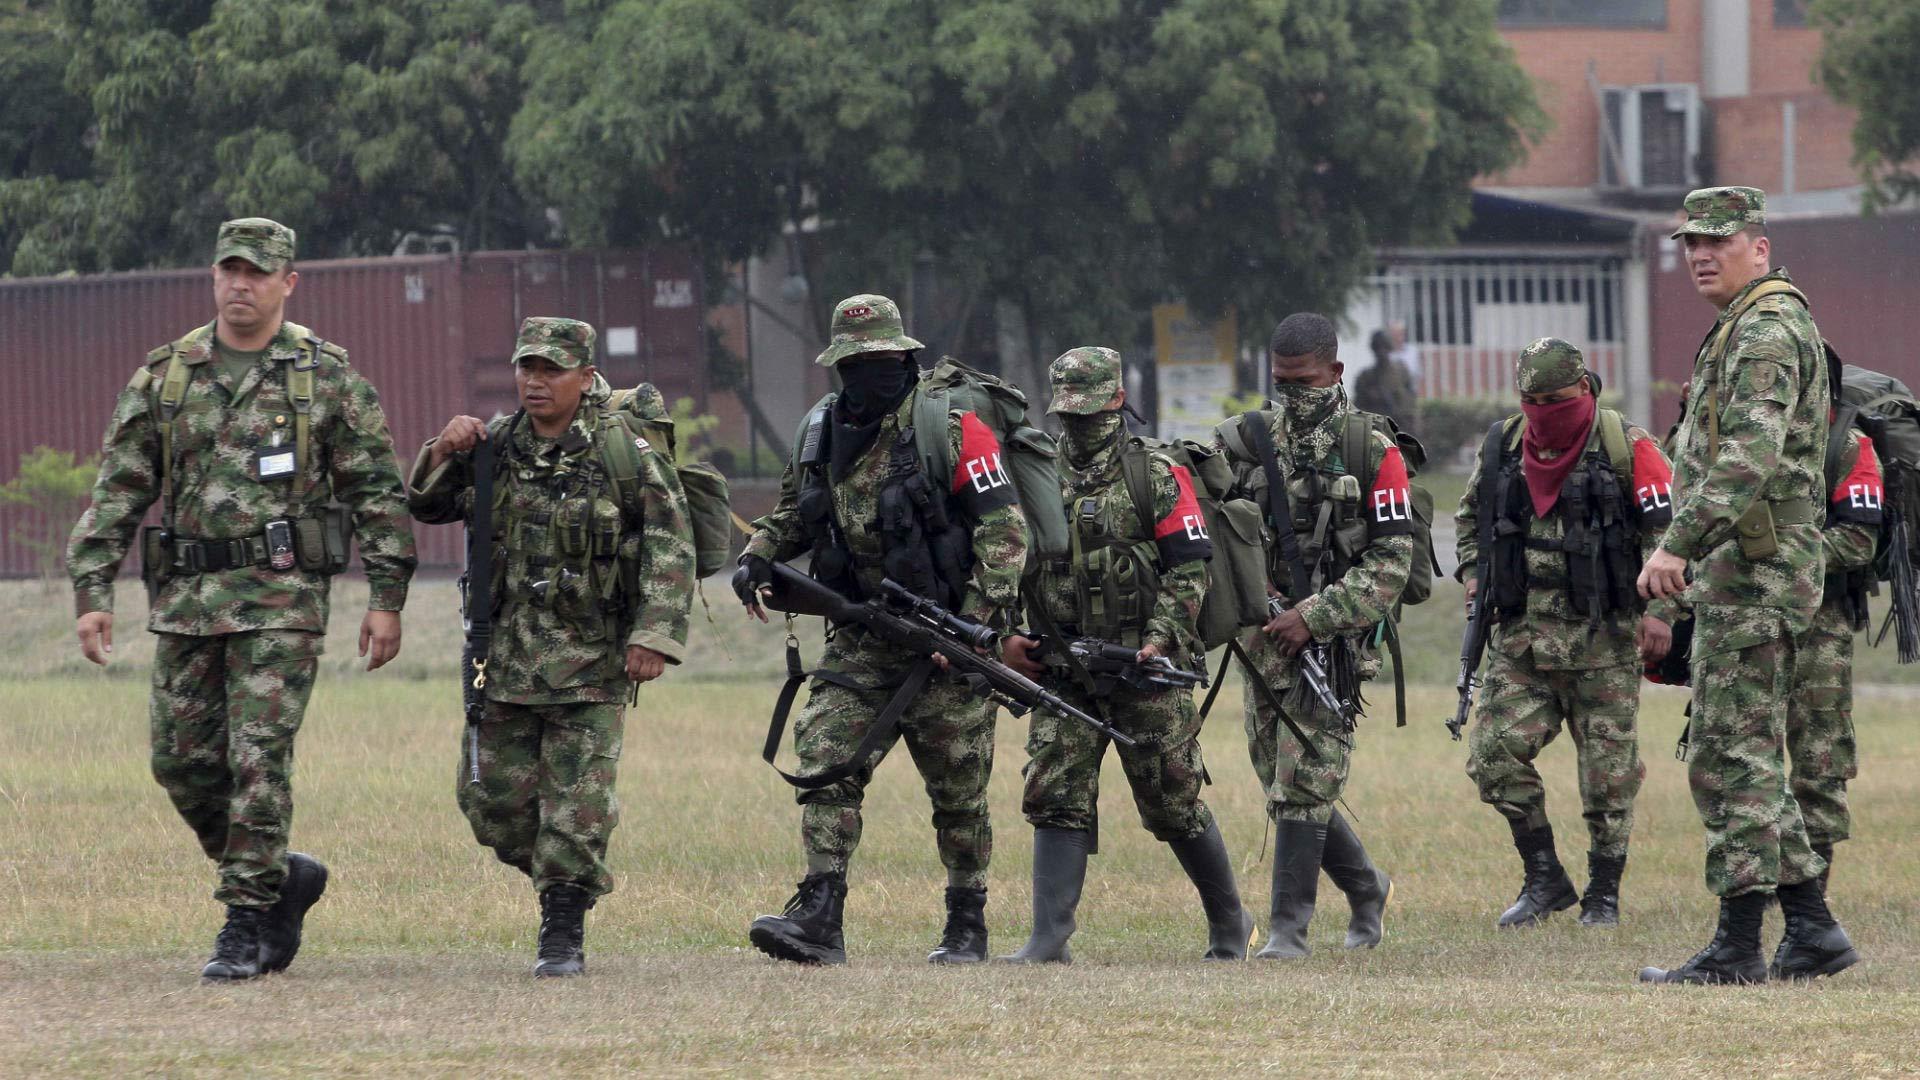 ELN ha incrementado sus ataques. El presidente Santos convocó un consejo extraordinario de seguridad para examinar la situación